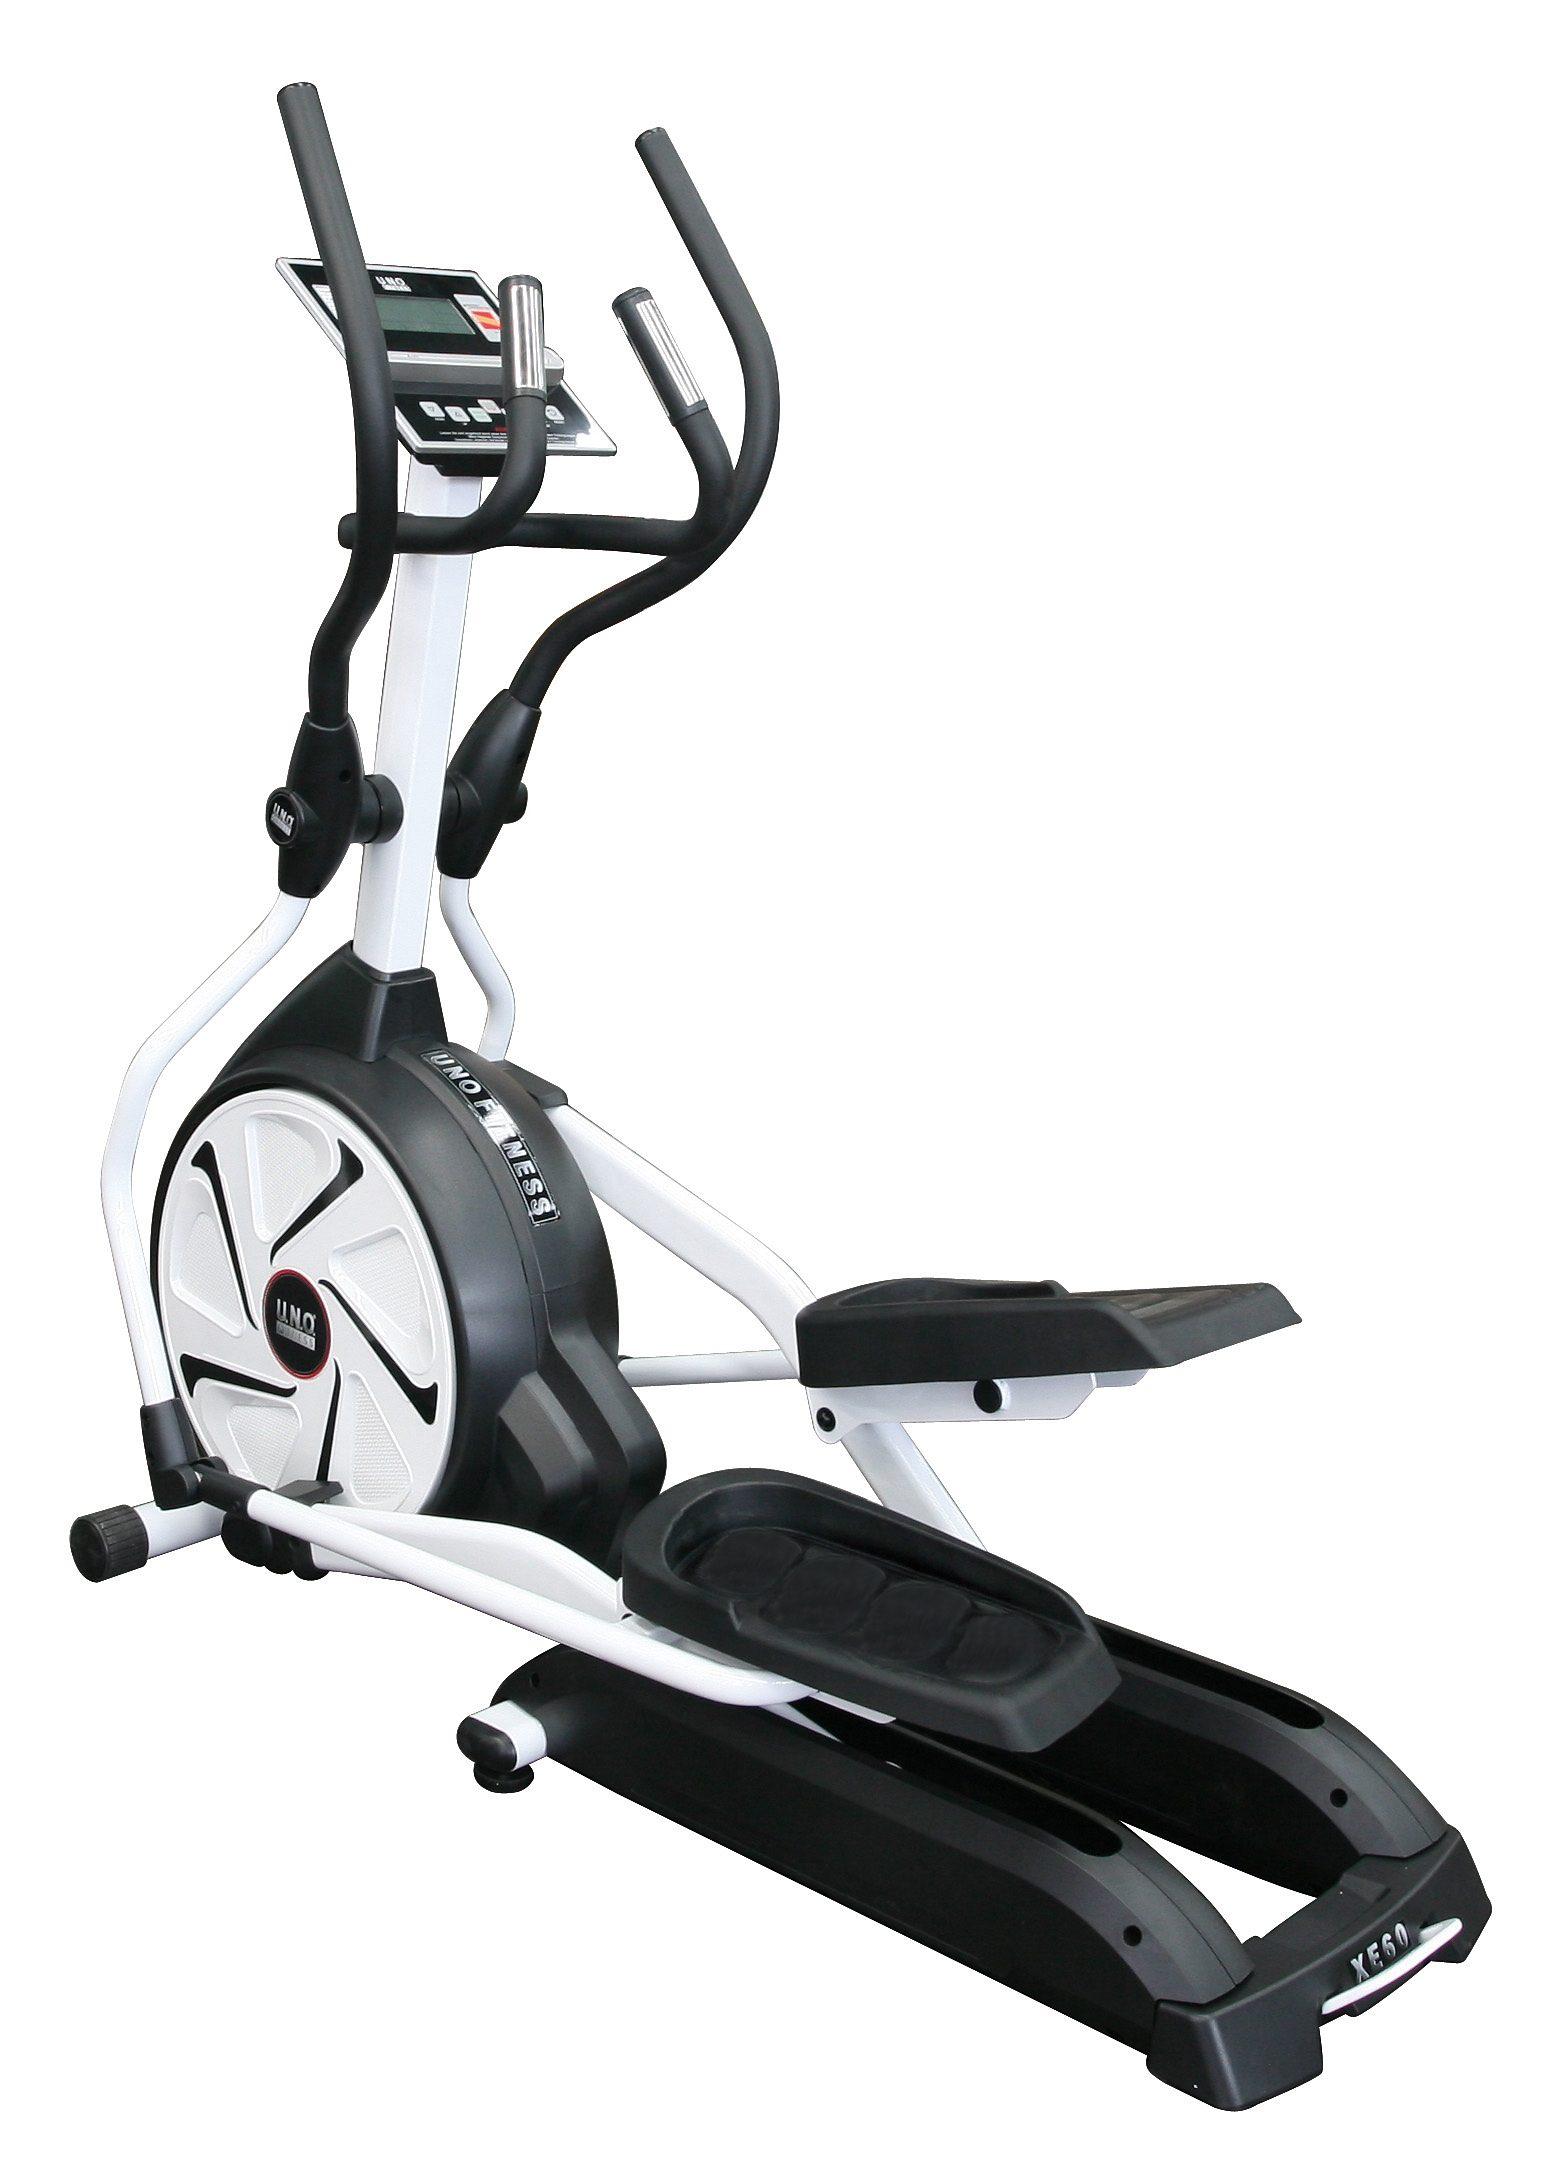 U.N.O. FITNESS Crosstrainer-Ergometer »Crosstrainer XE 60«